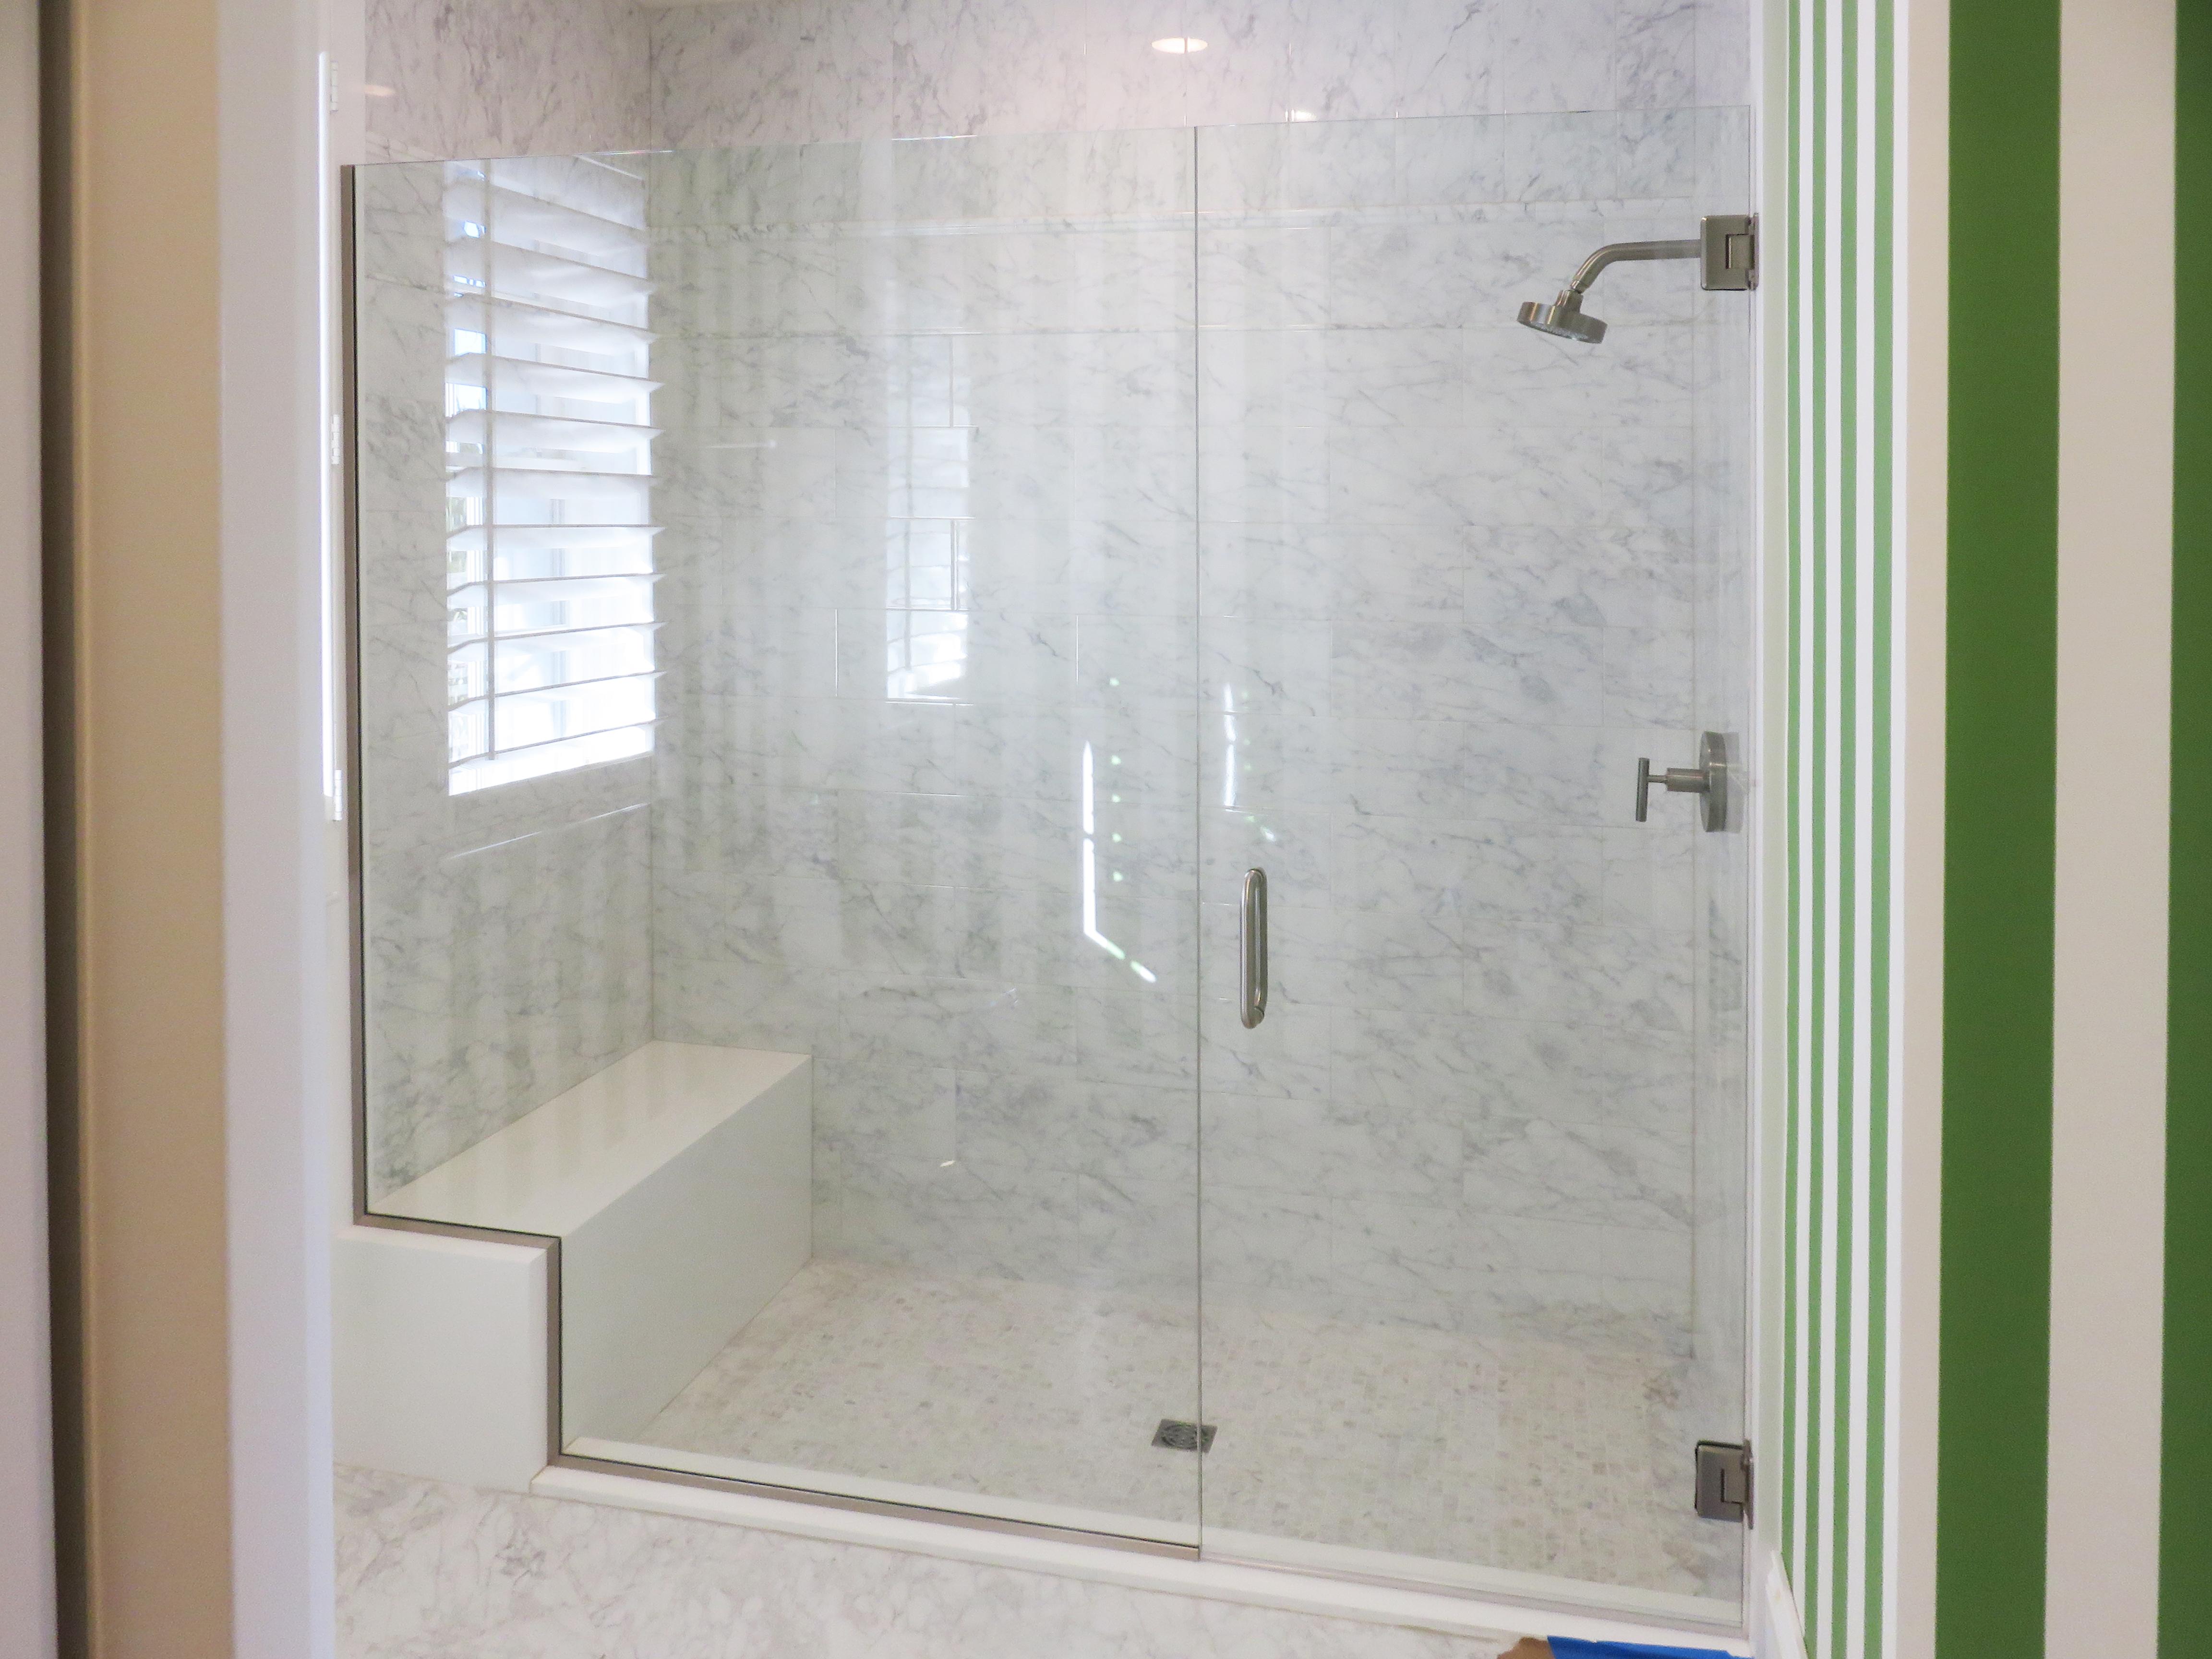 Frameless Showers Glass Design Fort Myers Naples Fl for size 4608 X 3456